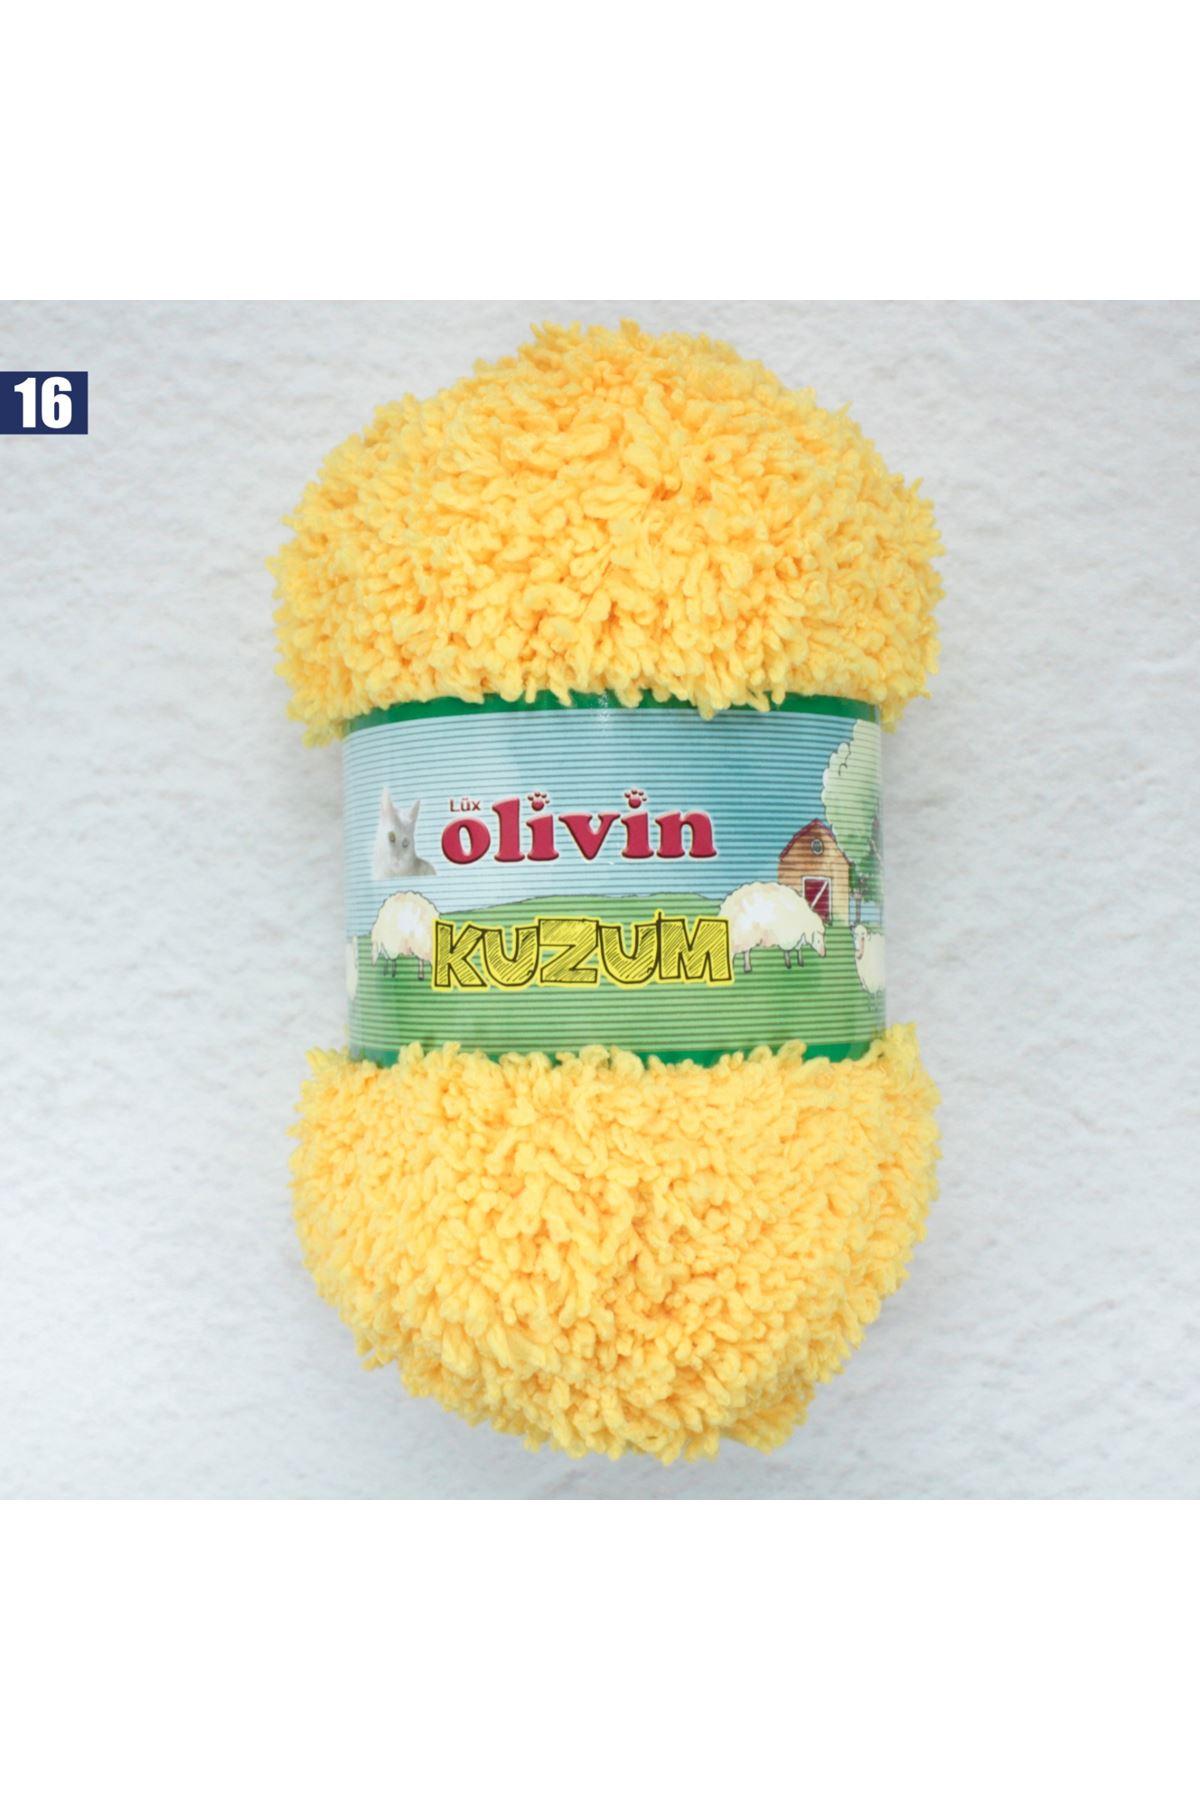 Olivin Kuzum 16